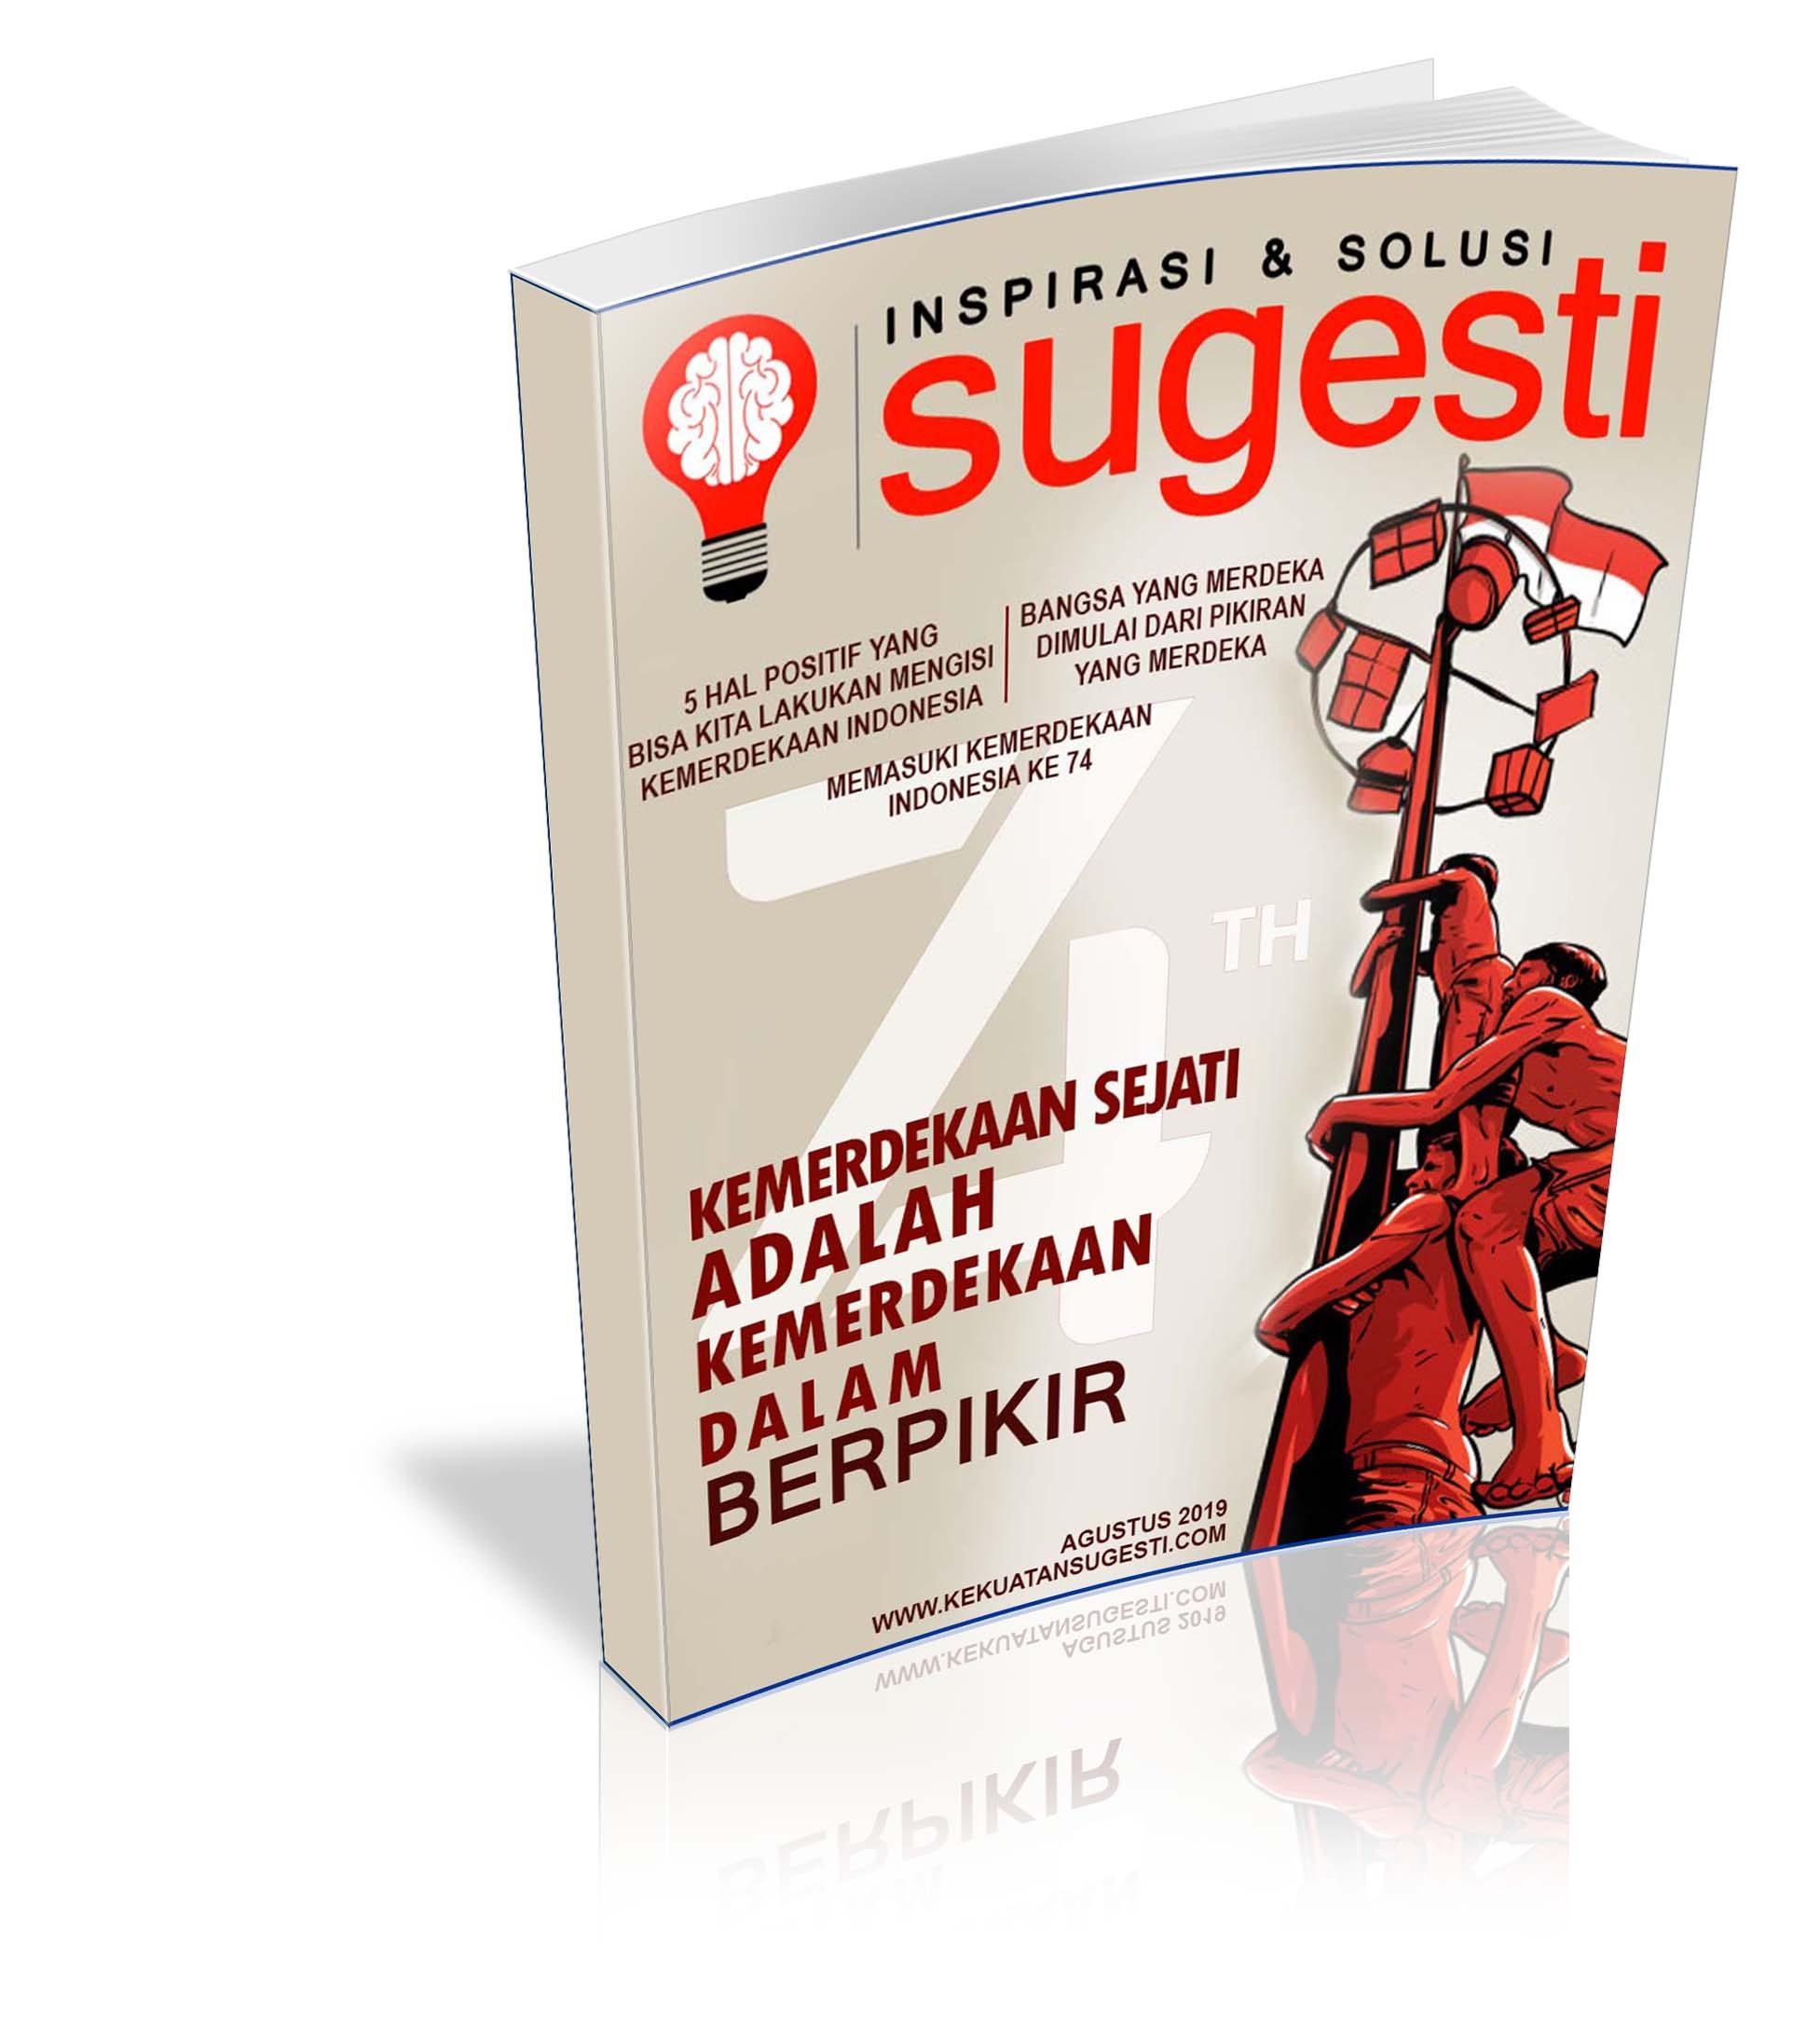 Majalah Sugesti Edisi Keenampuluh Dua bulan Agustus 2019